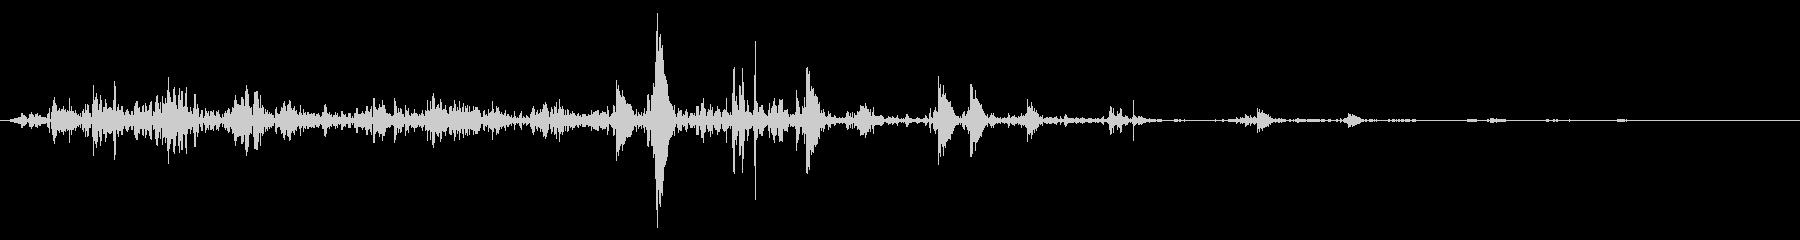 ネバネバ、ヌメヌメとした不気味な音A#1の未再生の波形